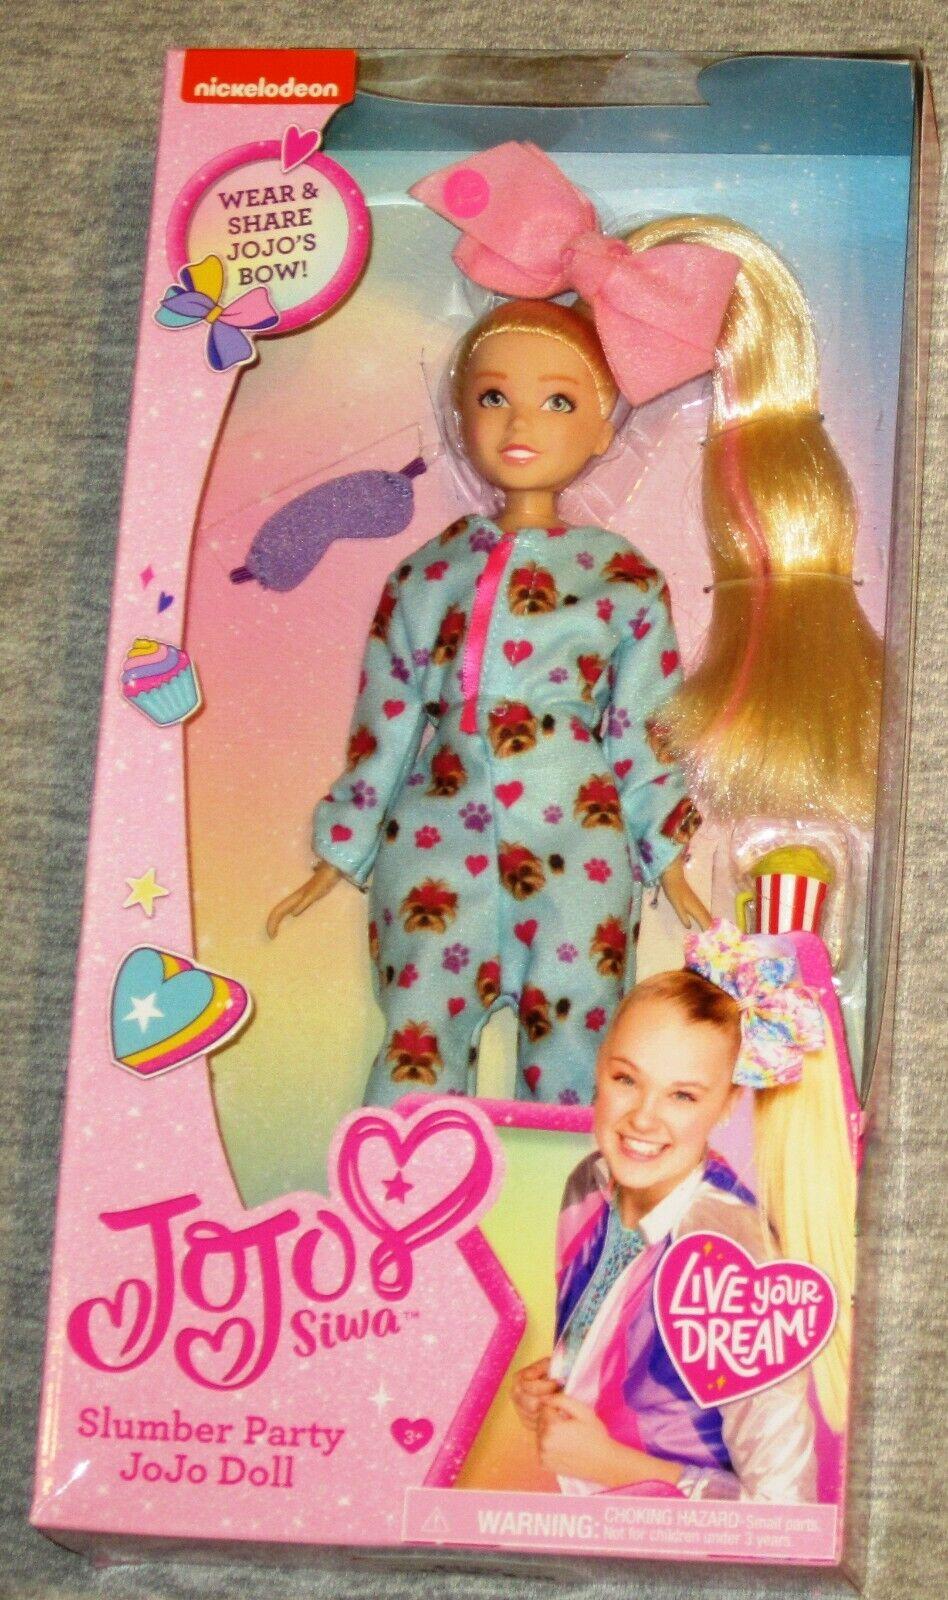 JoJo Siwa Slumber Party Sleepover Doll BowBow Bow Bow PJ's NEW